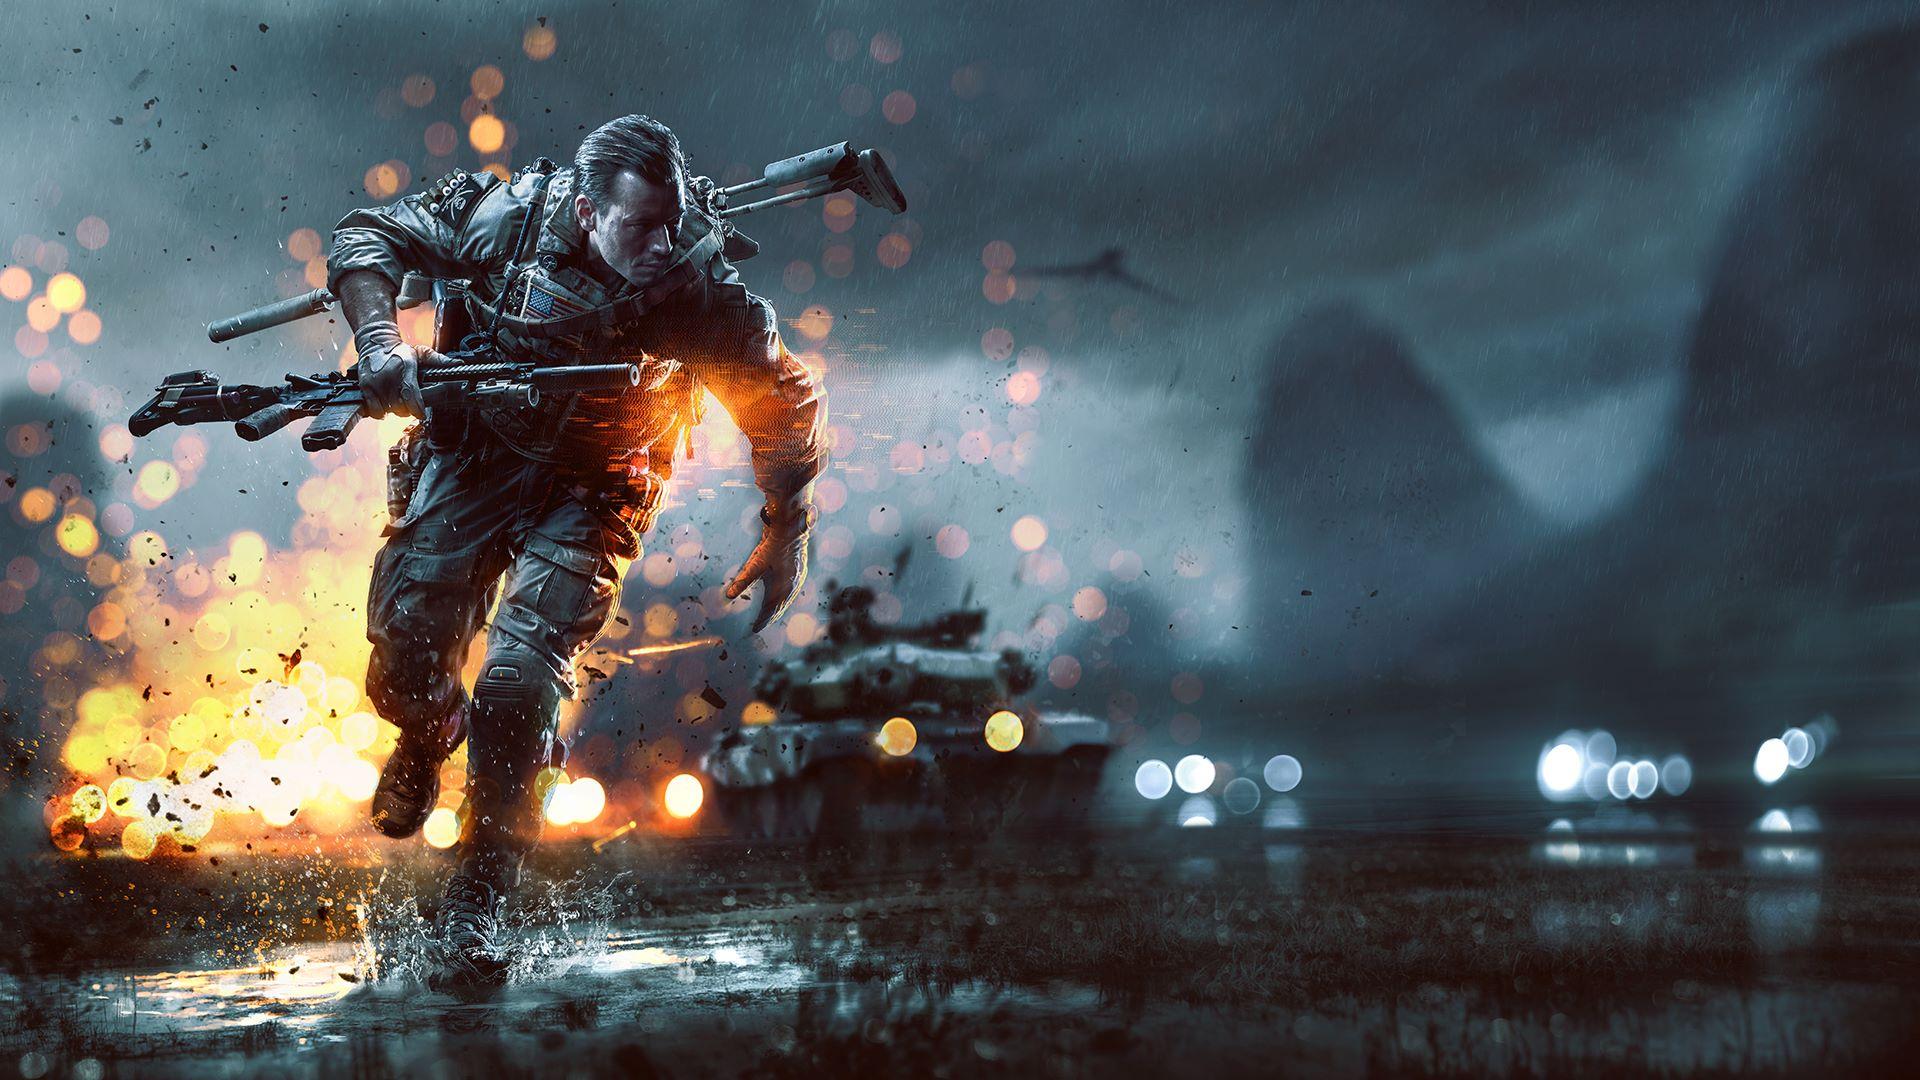 شرح لعبة باتل فيلد Battlefield للكمبيوتر